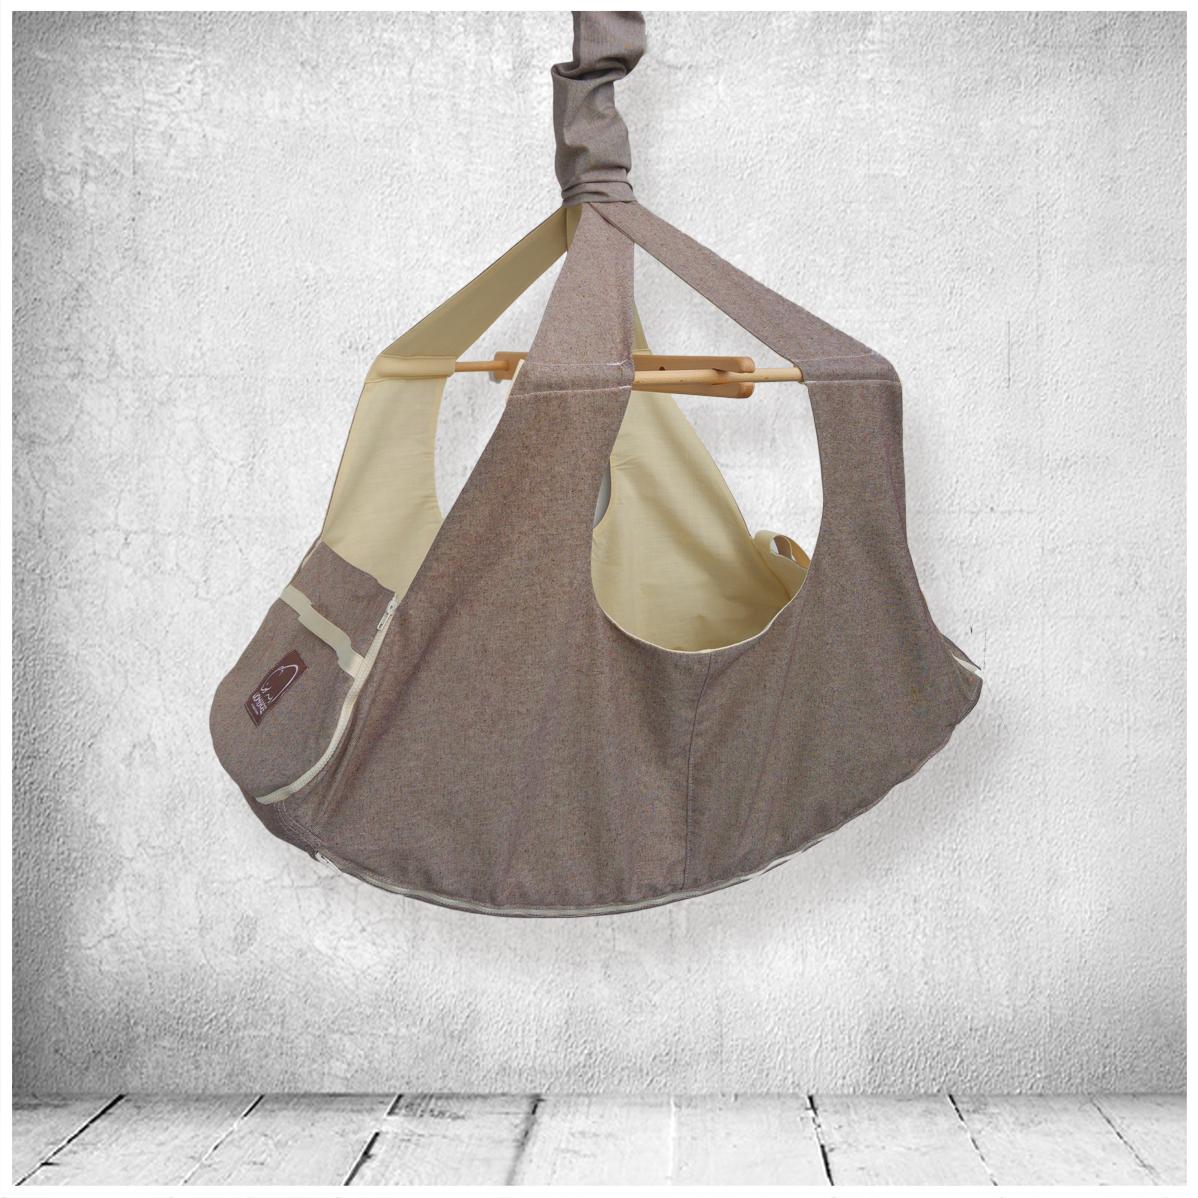 Qualitaetsgepruefte Materialien der Baby-Haengematte